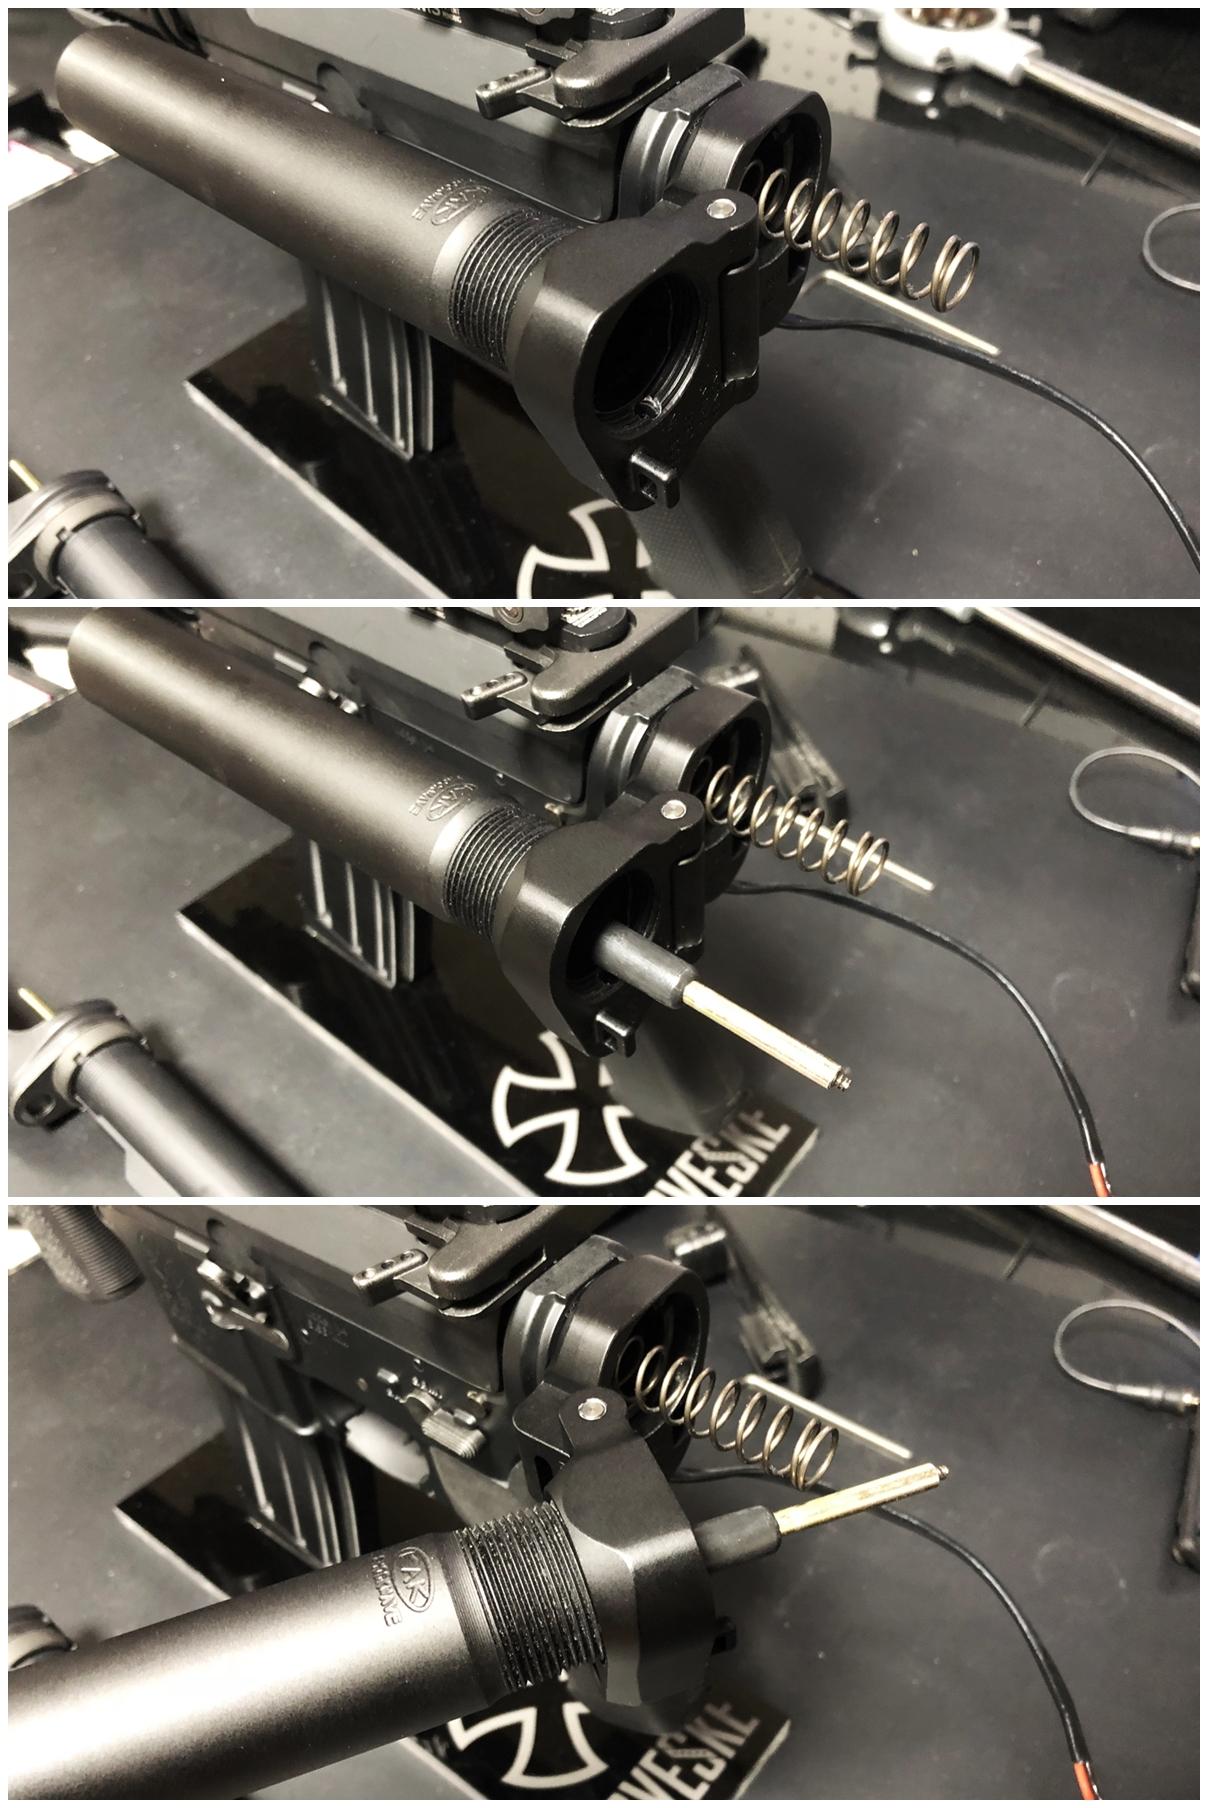 31 次世代 M4 CQB-R 電動ガン 実物 KAK ストック 取付 改造 カスタム 大作戦 第五弾!! やっと加工を再開!! 実銃 ストックパイプ AR フォールディング アダプター ダイス ネジ タップ 切り 加工 仮組 取付 道具 購入